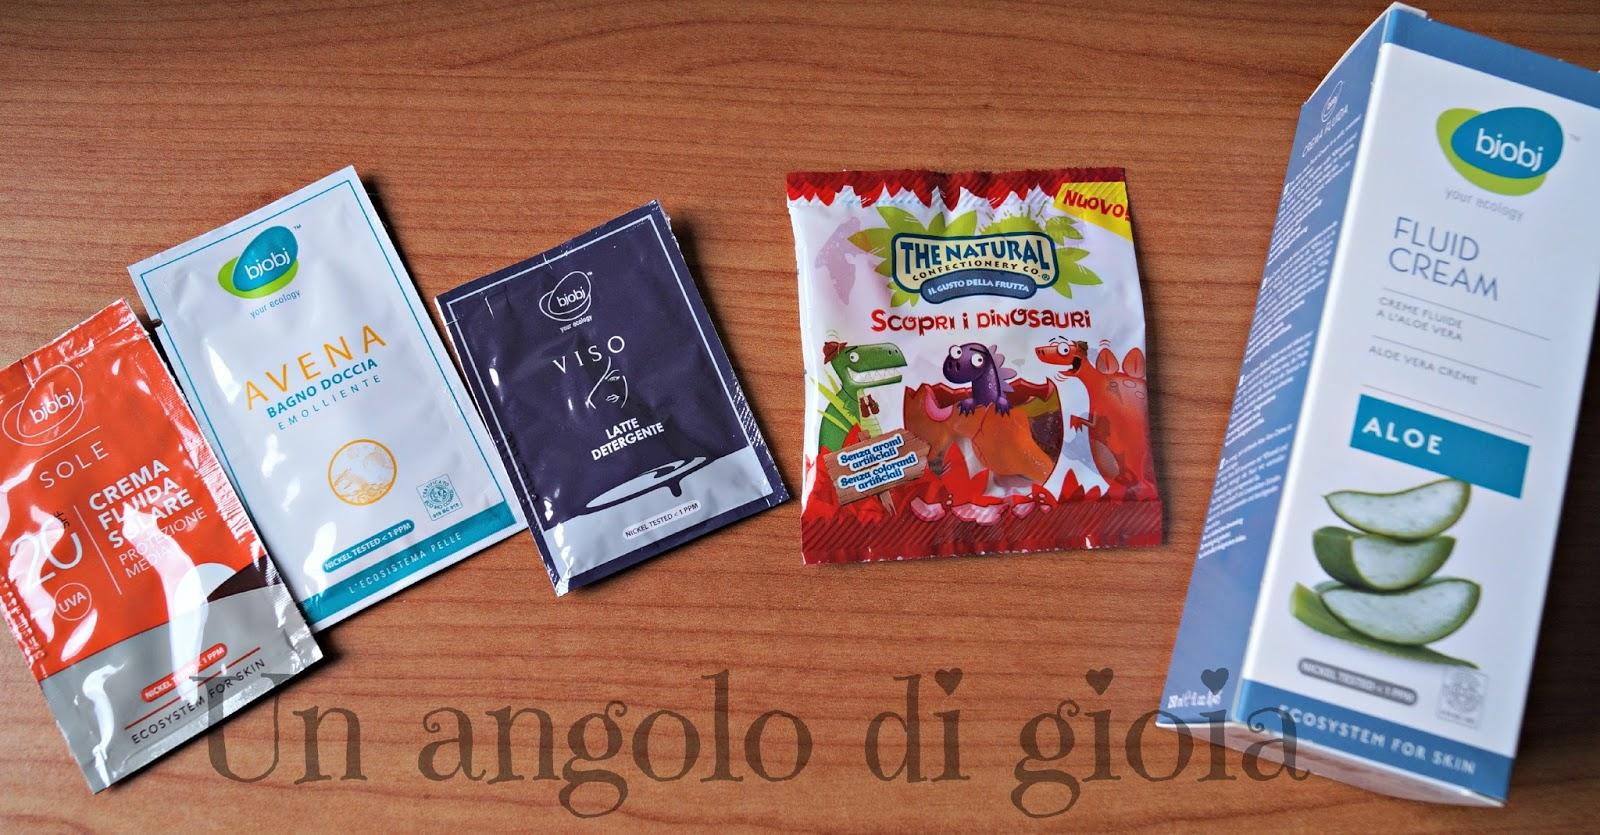 Aloe Fa Bene Alla Pelle ~ Prodotto Speciale Rilastil Antirughe